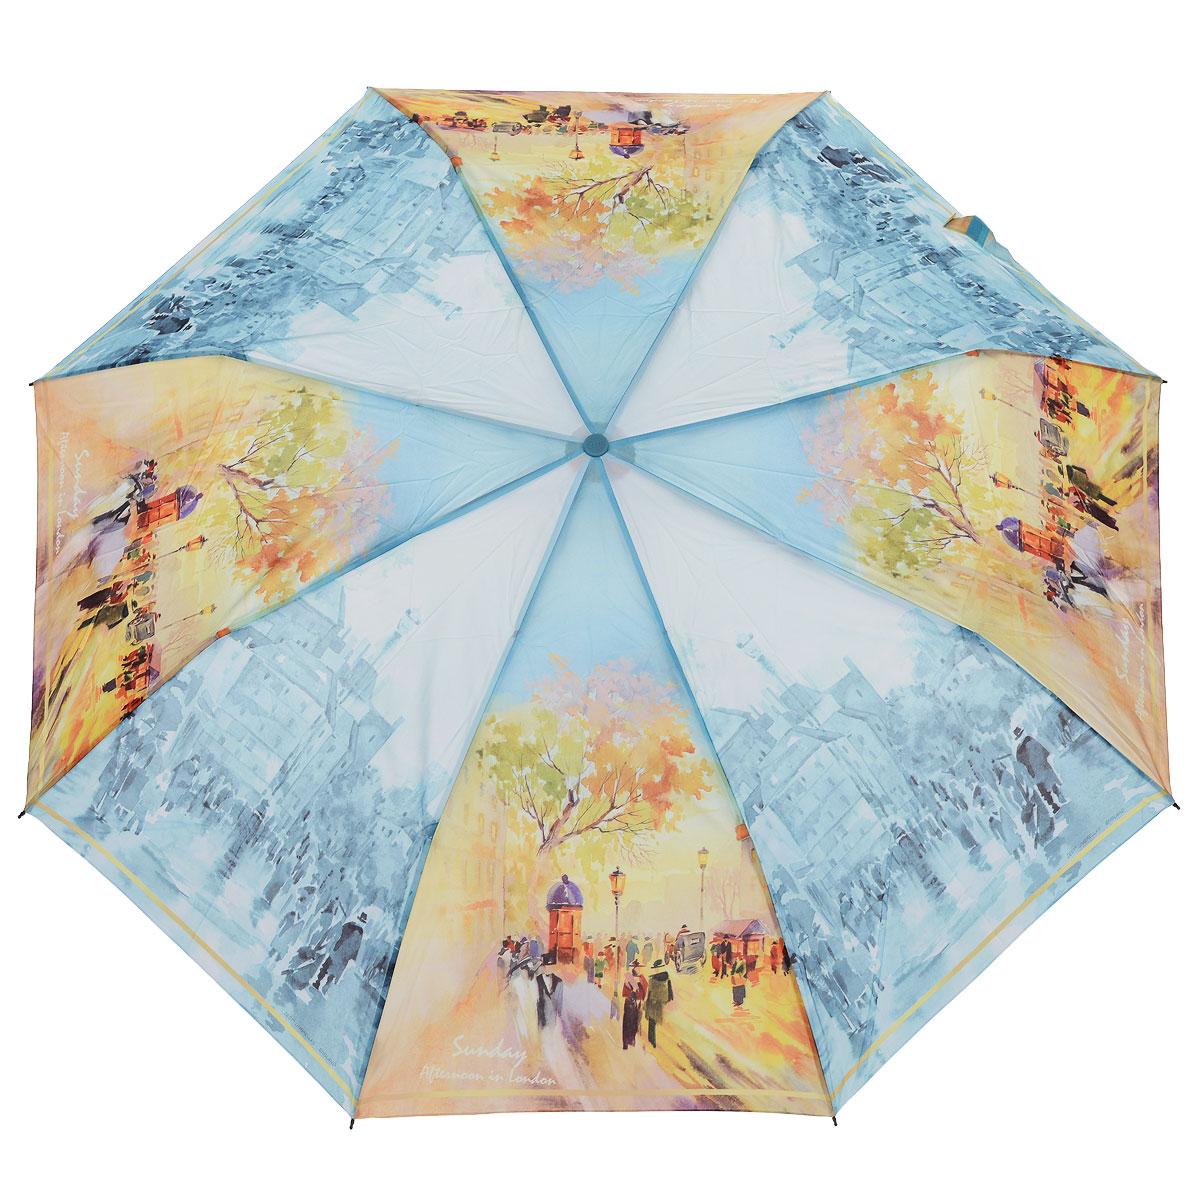 Зонт женский Zest, автомат, 3 сложения, цвет: голубой. 239455-11239455-11Автоматический зонт Zest в 3 сложения даже в ненастную погоду позволит вам оставаться стильной и элегантной. Детали каркаса изготовлены из высокопрочных материалов, специальная система Windproof защищает его от поломок. Зонт оснащен 8 спицами, выполненными из фибергласса. Ручка из прорезиненного пластика разработана с учетом требований эргономики. Используемые высококачественные красители, а также покрытие Teflon обеспечивают длительное сохранение свойств ткани купола зонта. Купол выполнен из полиэстера голубого цвета и оформлен принтом с изображением осеннего пейзажа. Зонт имеет полный автоматический механизм сложения: купол открывается и закрывается нажатием кнопки на рукоятке, стержень складывается вручную до характерного щелчка. На рукоятке для удобства есть небольшой шнурок, позволяющий надеть зонт на руку тогда, когда это будет необходимо. К зонту прилагается чехол.